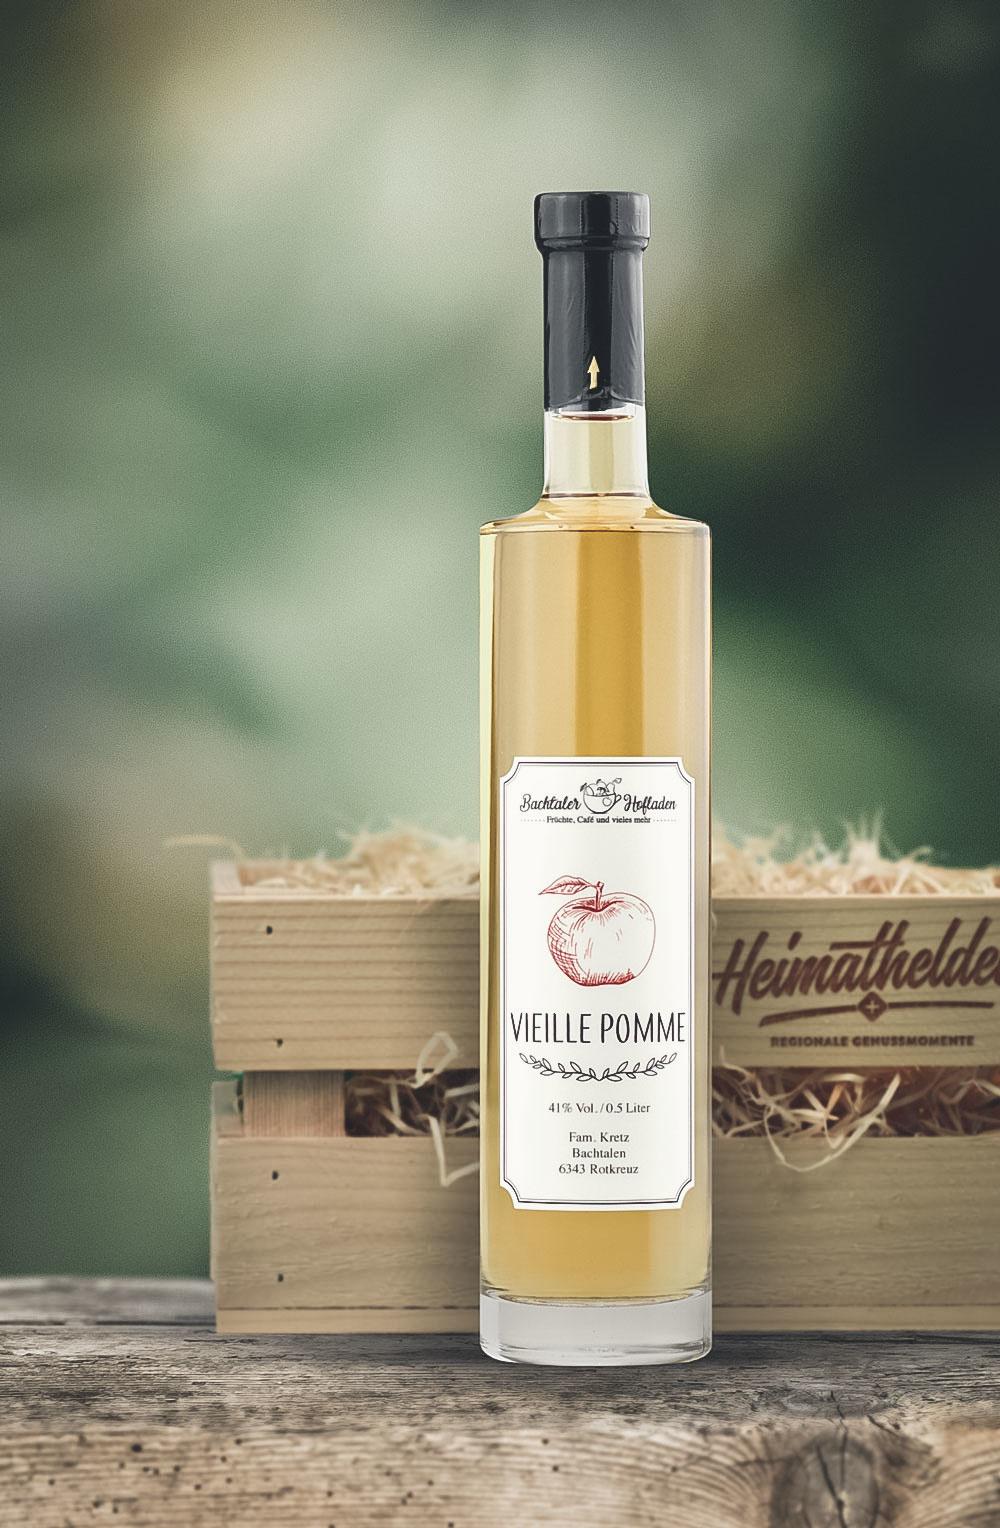 Vieille Pomme 50cl in schöner Geschenk-Holzharasse-1